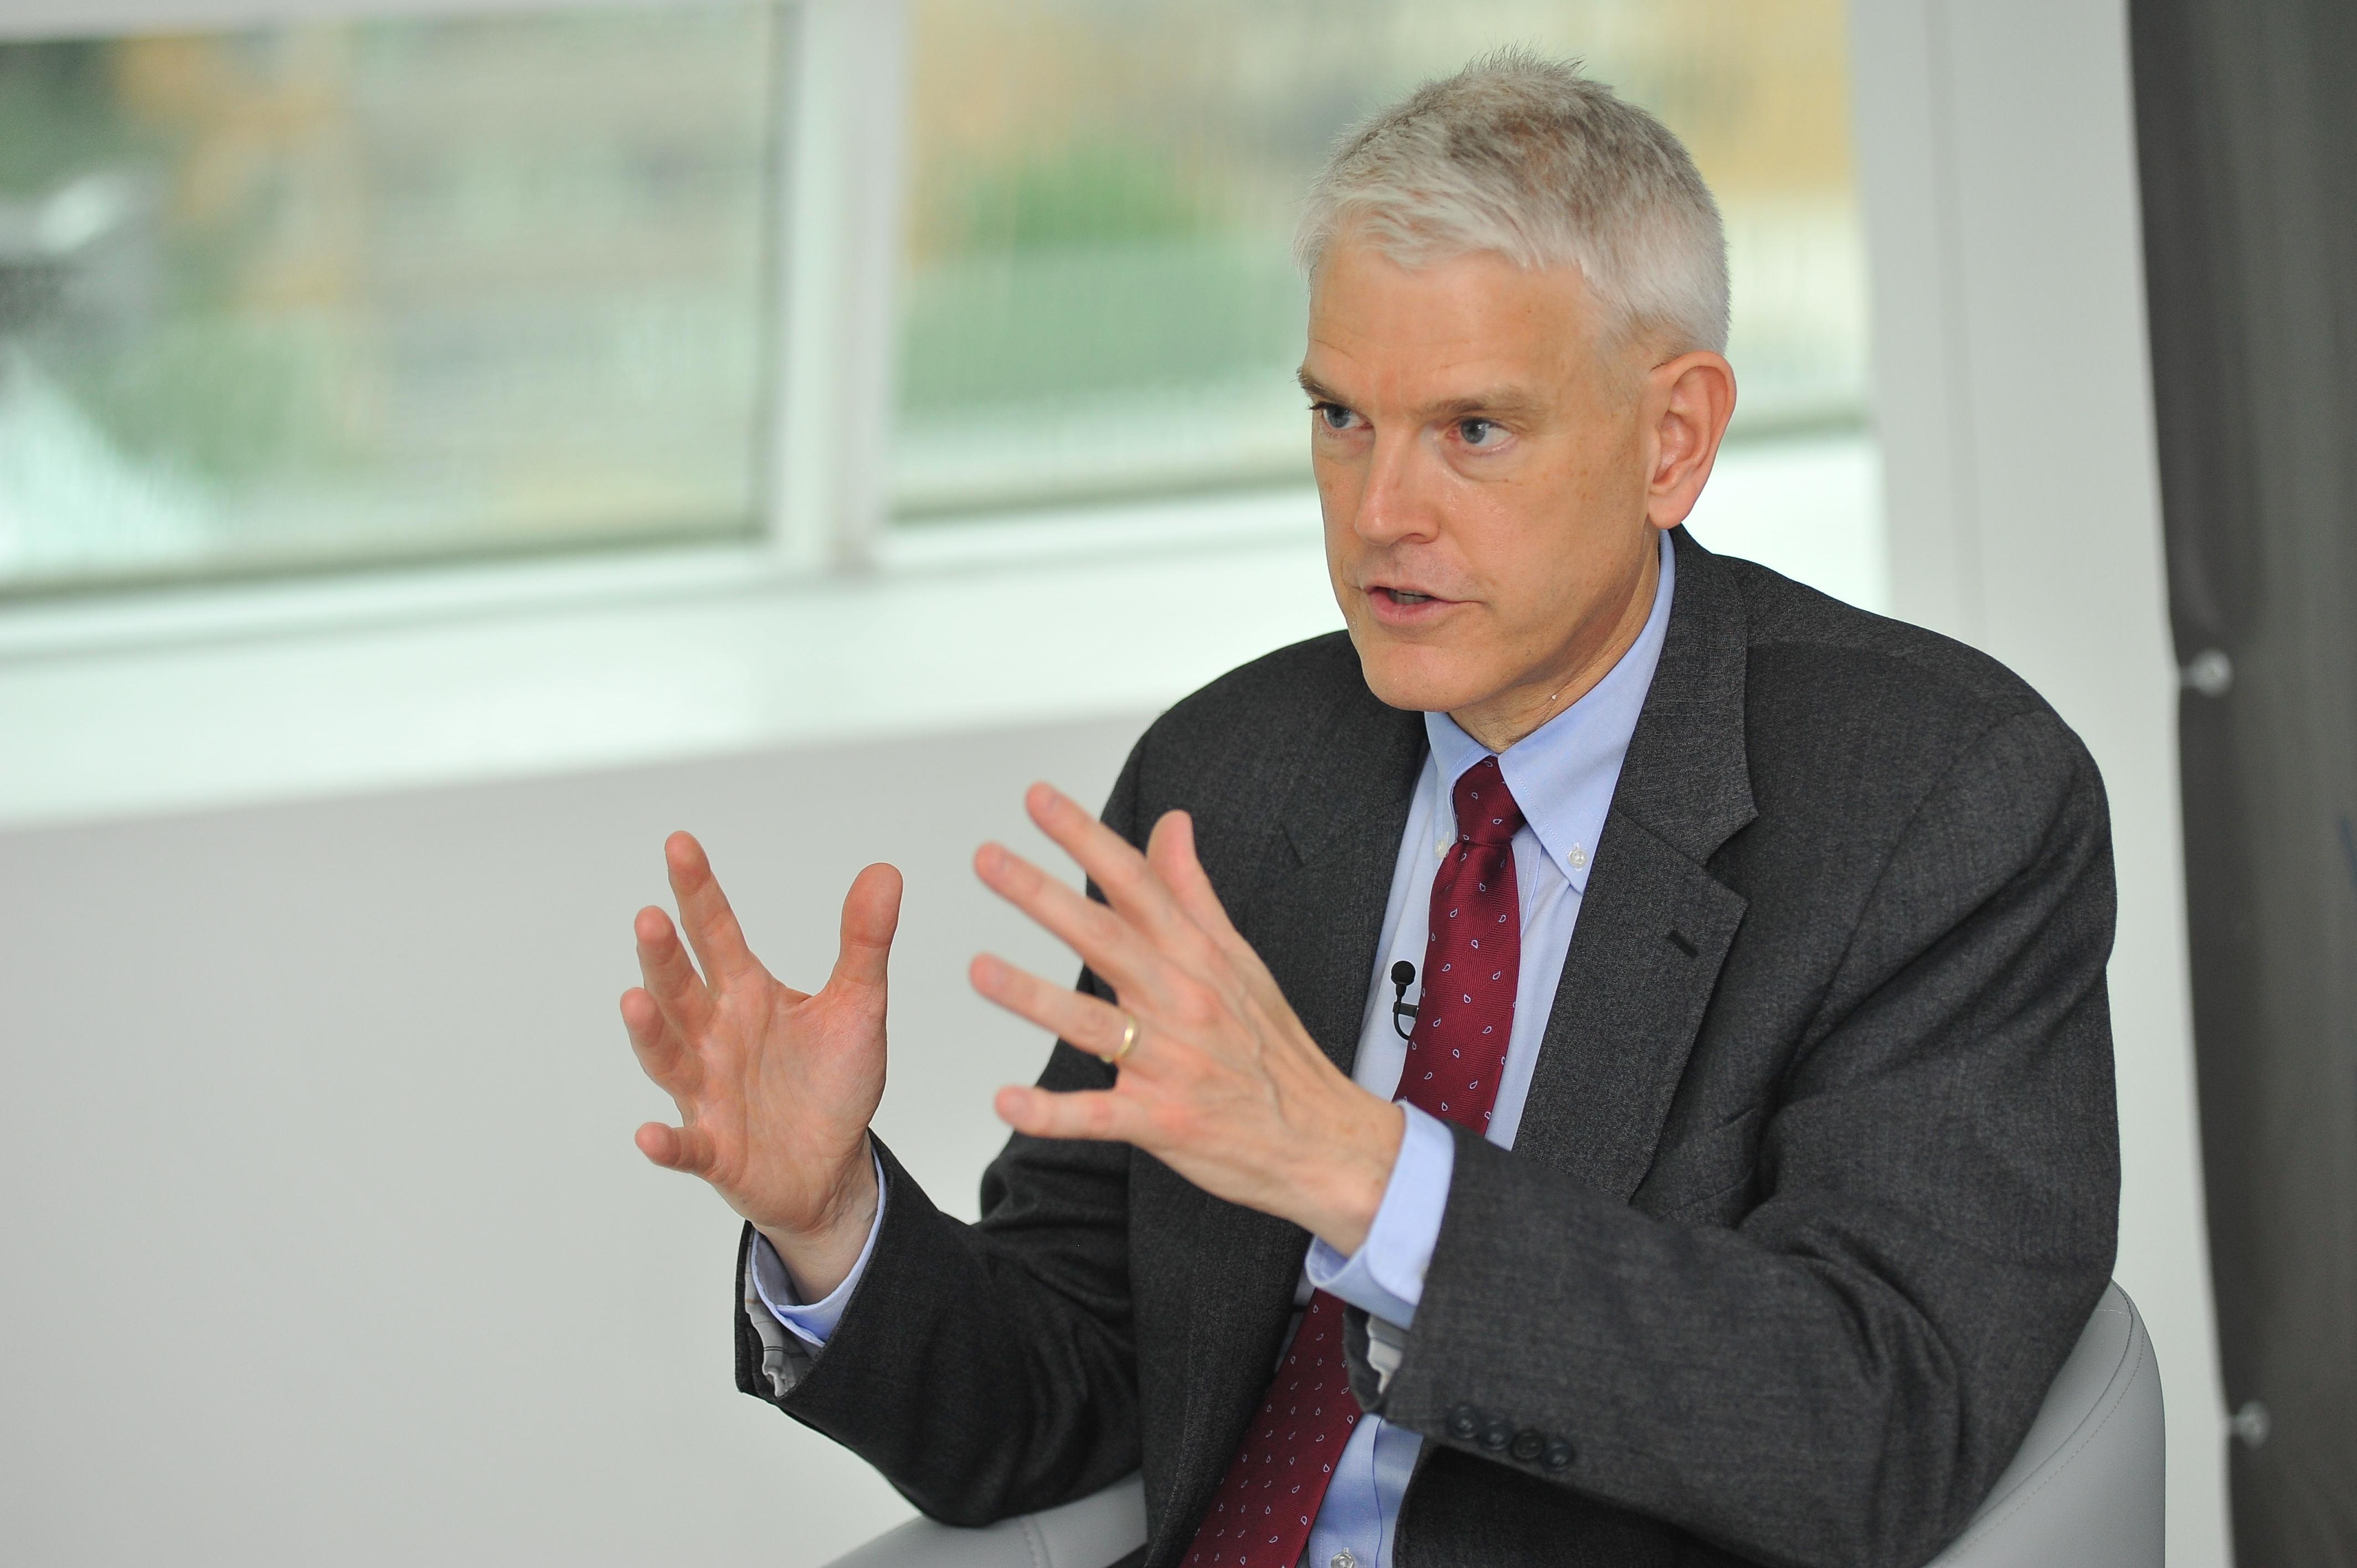 Новый Кабмин должен угодить Западу - бывший посол США в Украине